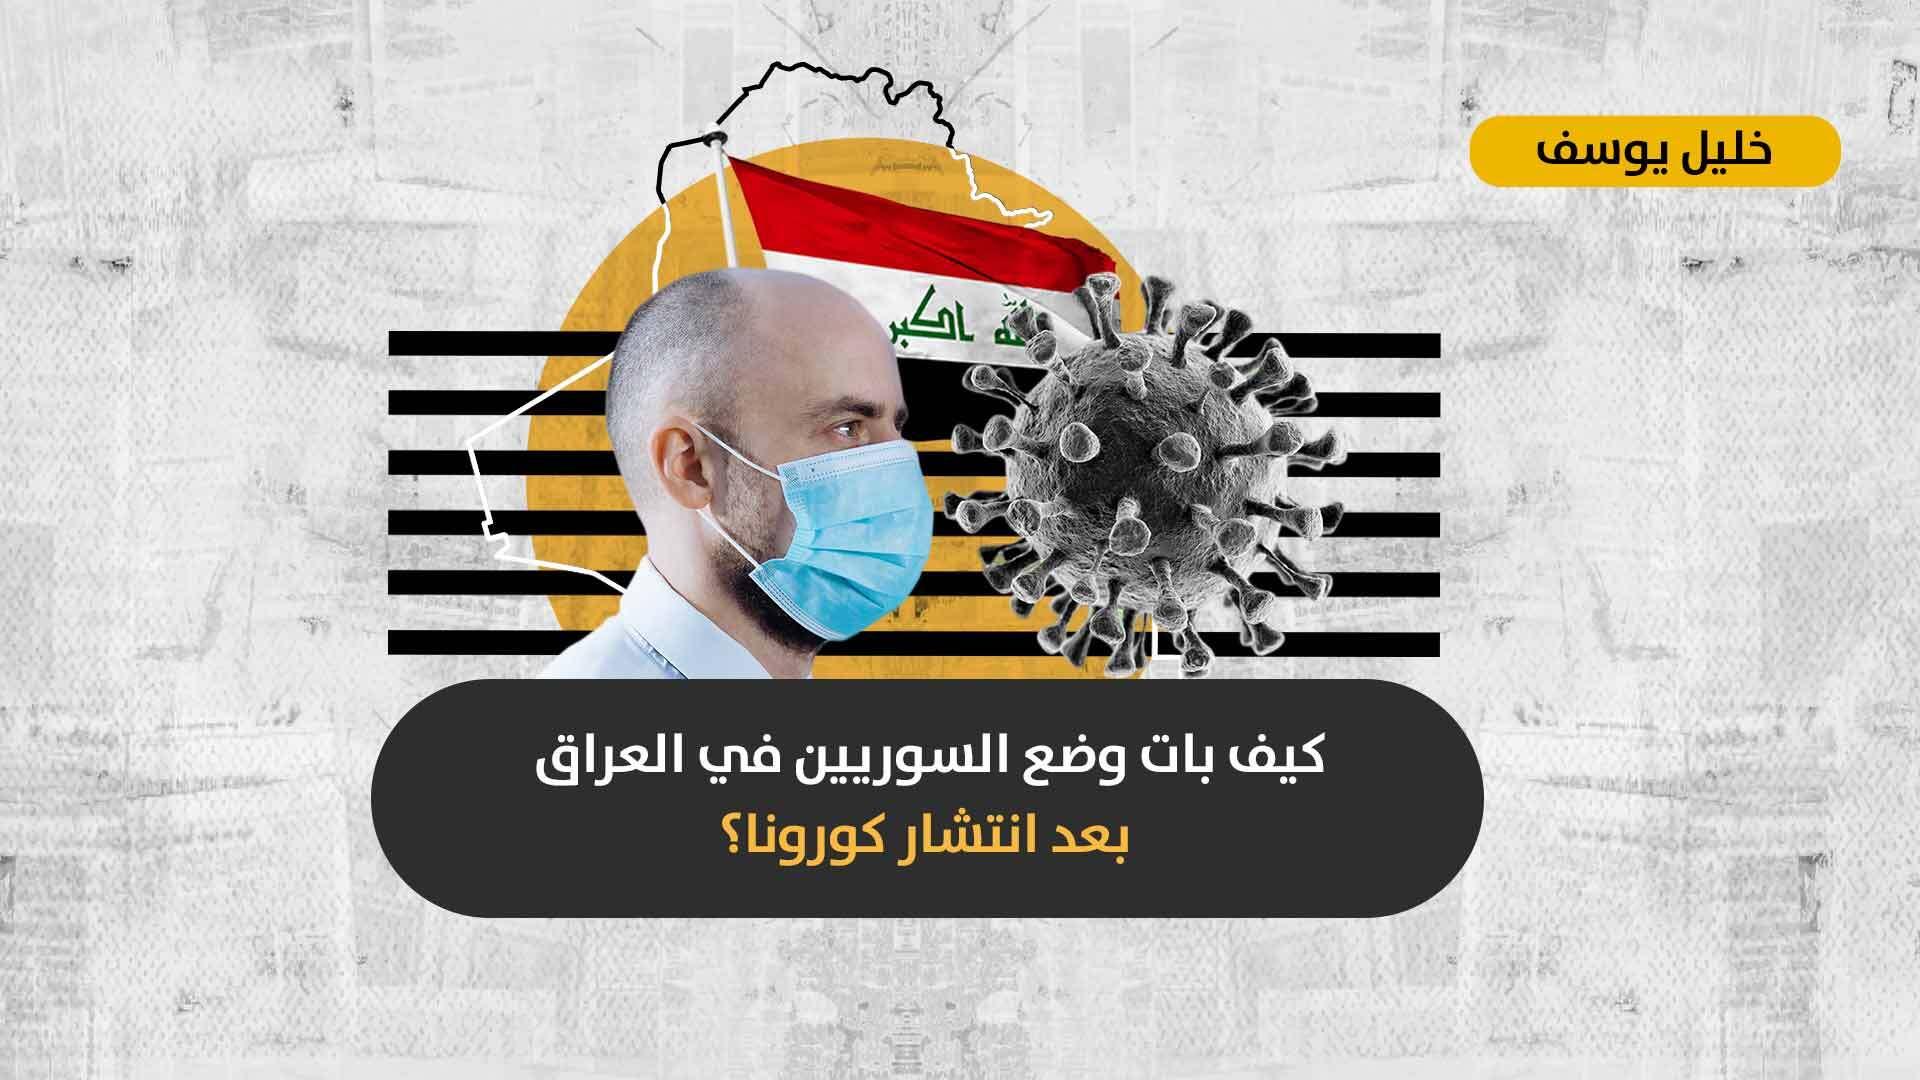 النزوح السوري بسبب الفقر والحرب: هل مازالت المدن العراقية ملاذاً للسوريين رغم انتشار كورونا والفوضى الأمنية؟